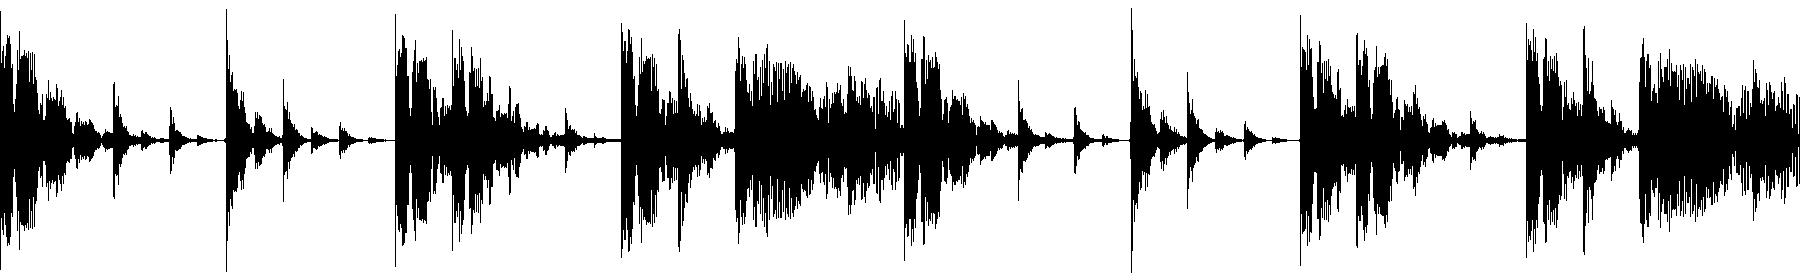 blbc electrodrums fx 75 01